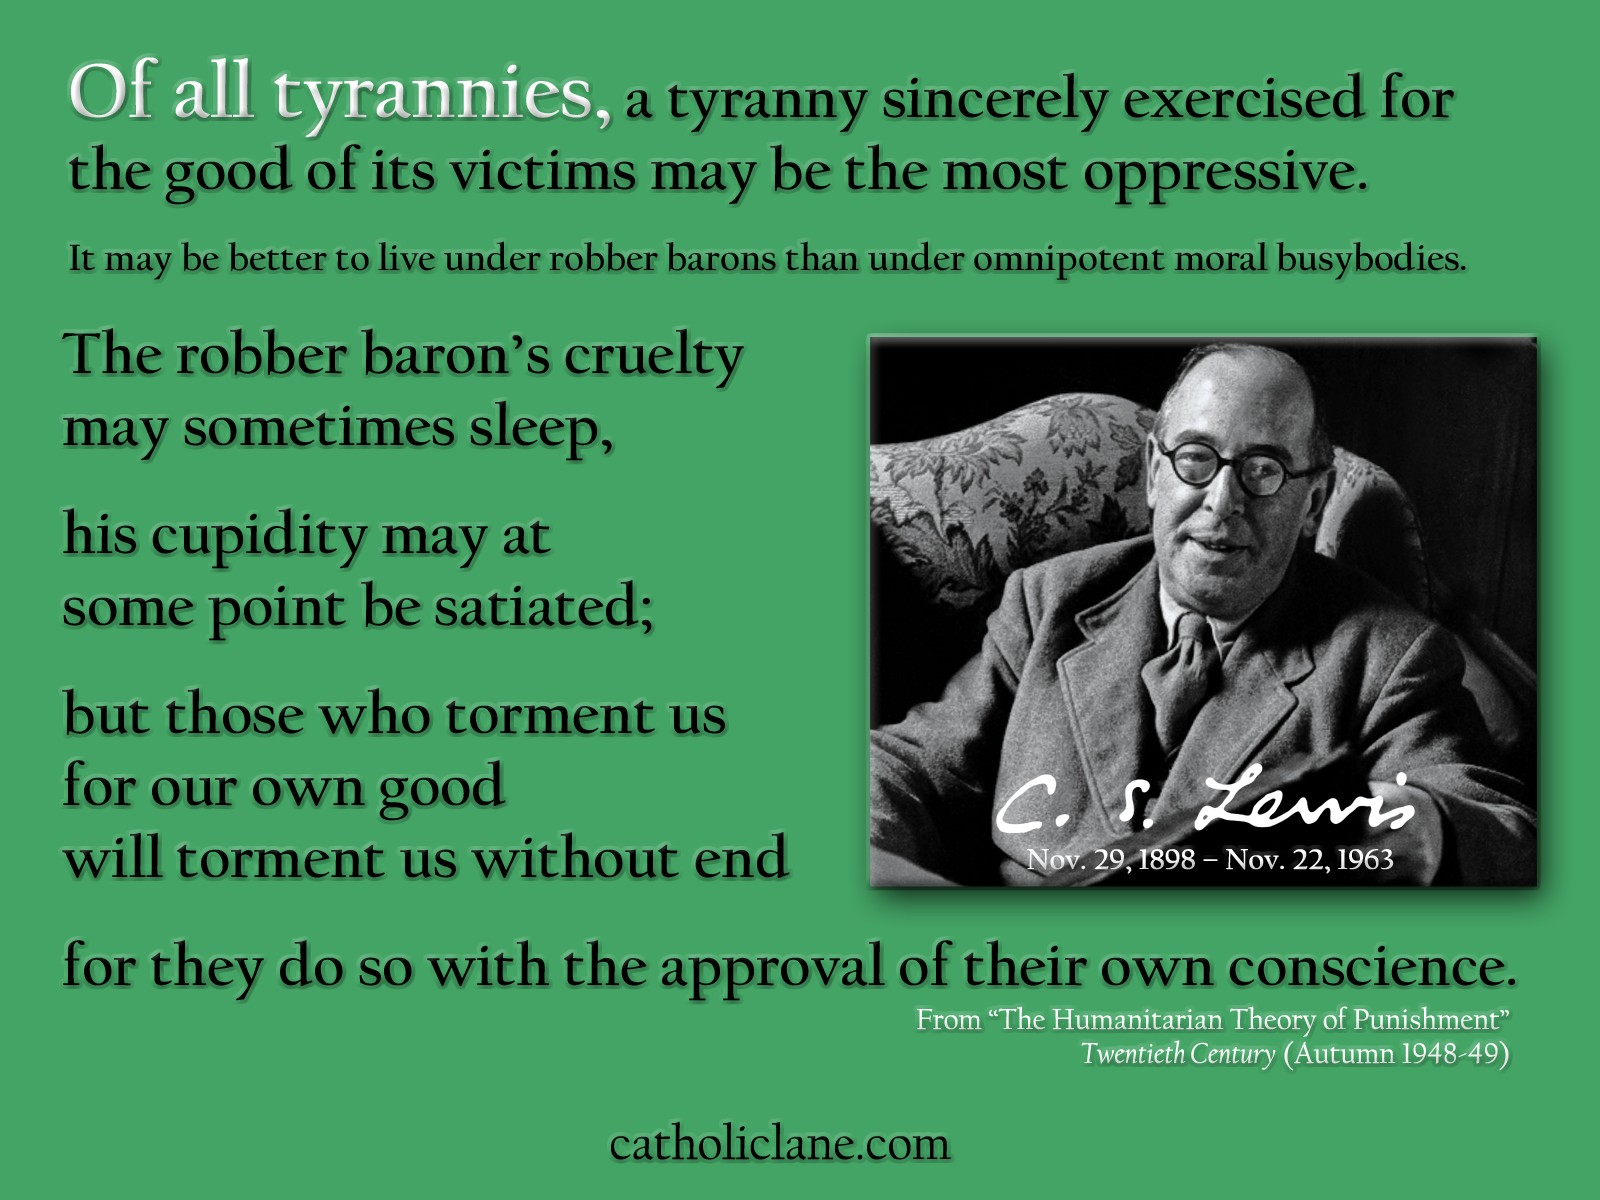 C.S. Lewis on Tyranny